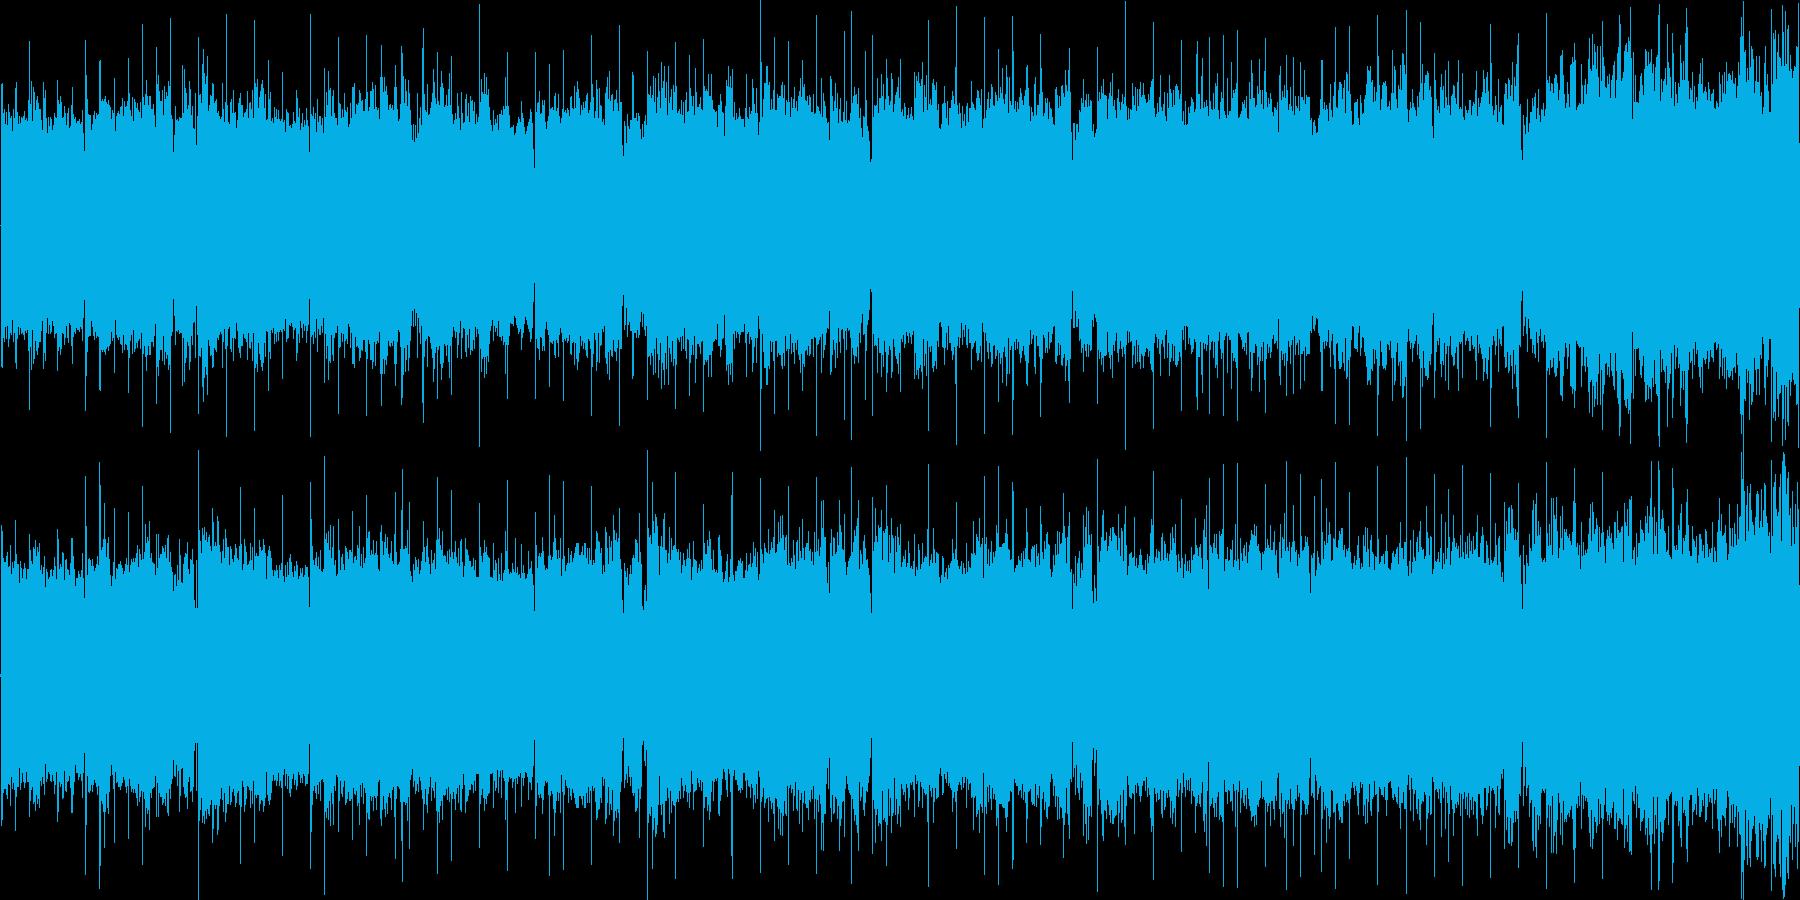 【ダンス/パーティー/EDM】の再生済みの波形